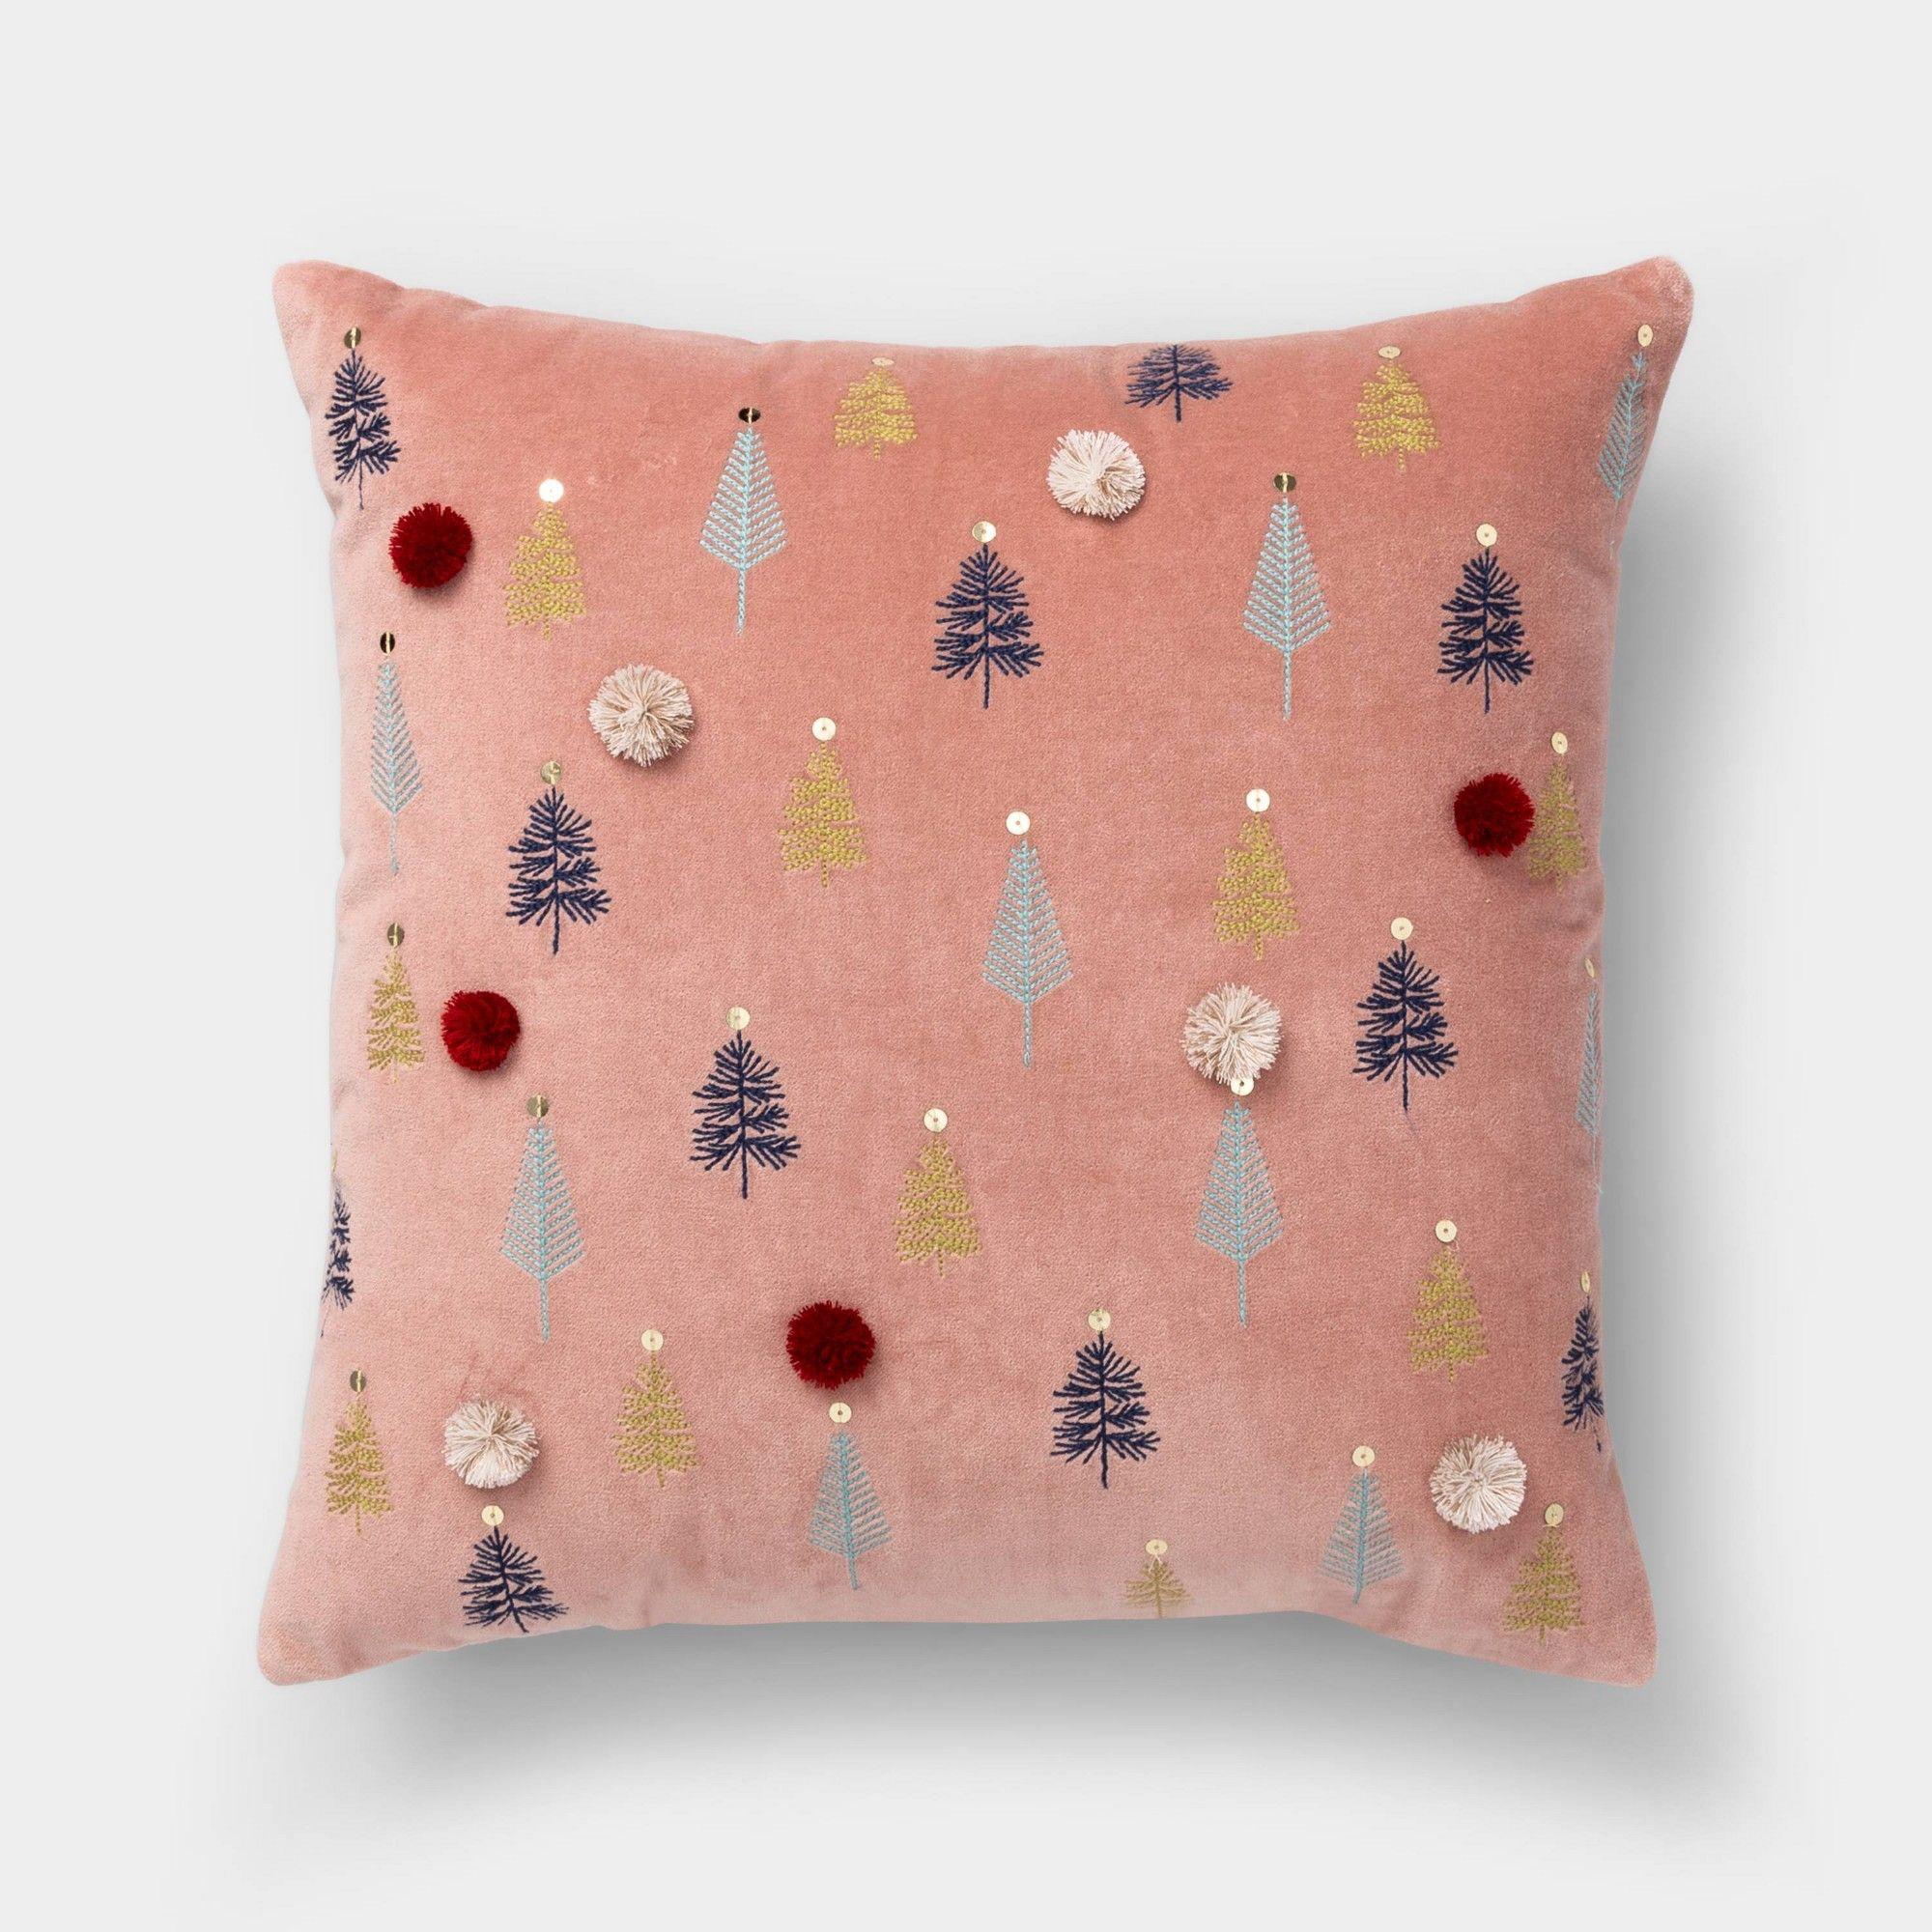 Threshold Throw Pillow Doe White Silver Metallic Reindeer Mistletoe 18 x 18 New